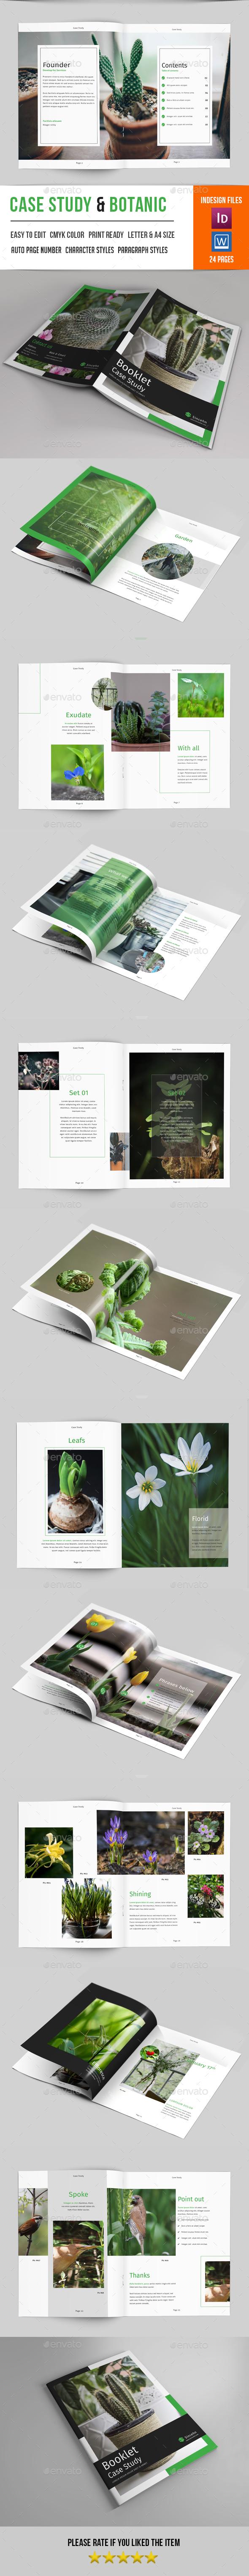 Case Study Brochure Template-V416 - Informational Brochures